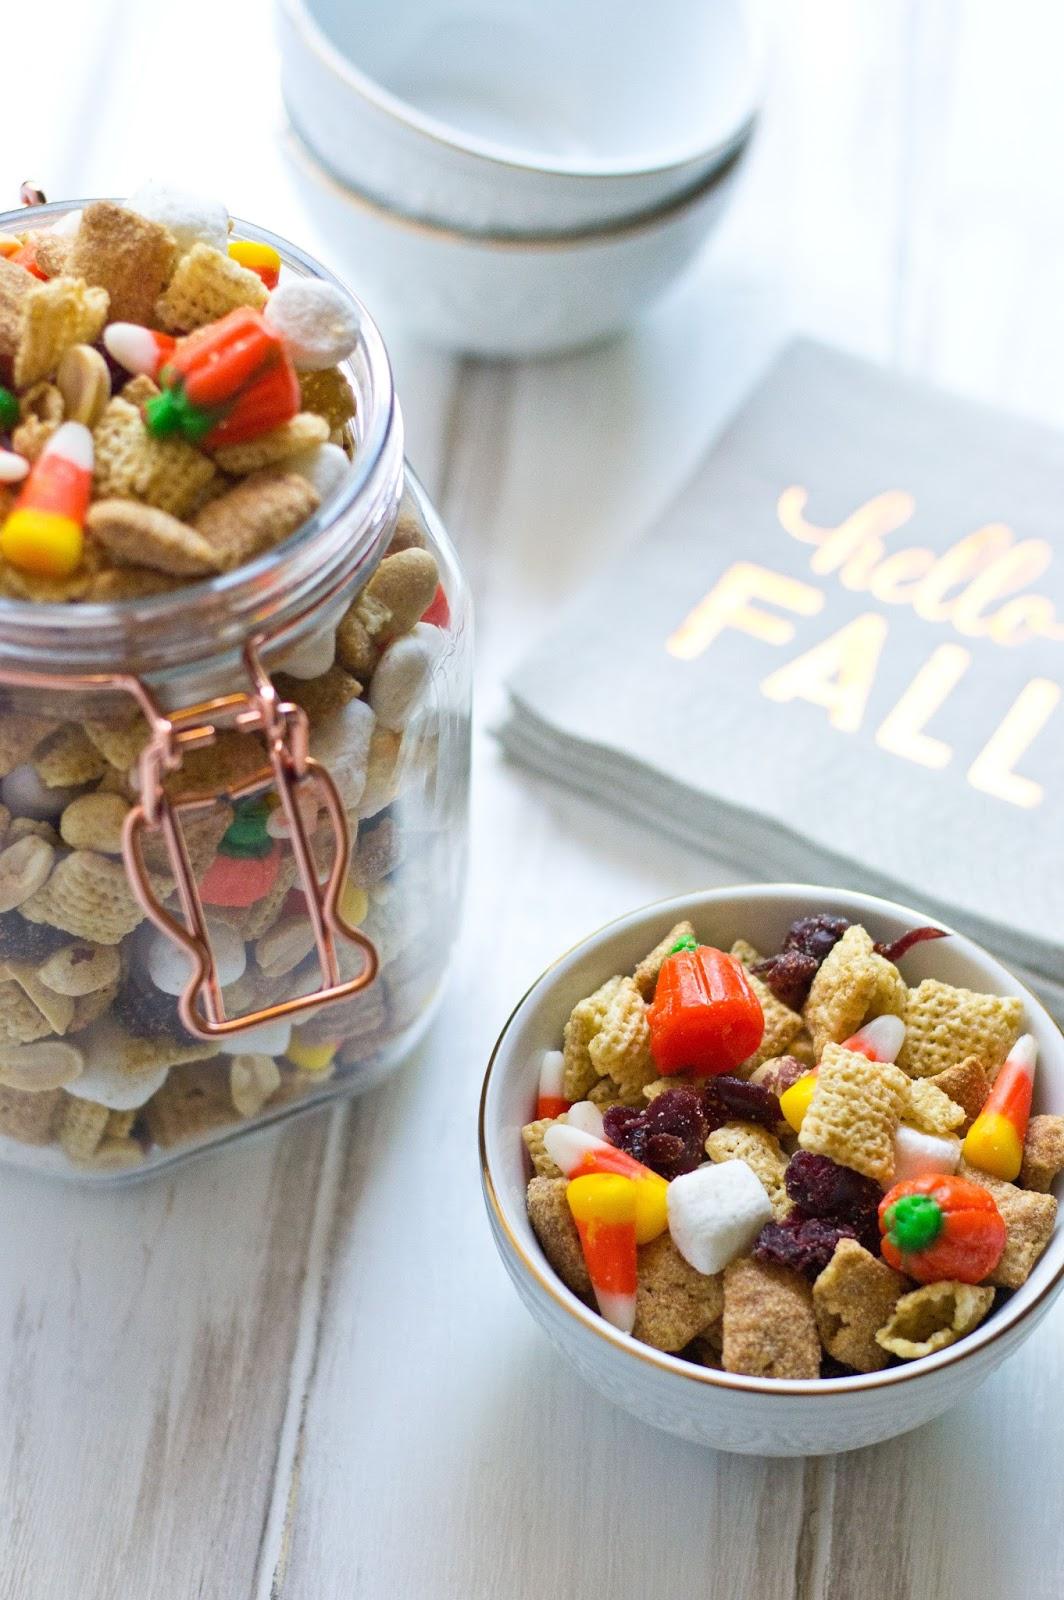 #dairyfree #glutenfree #allergyfriendly #trailmix #fall #halloween